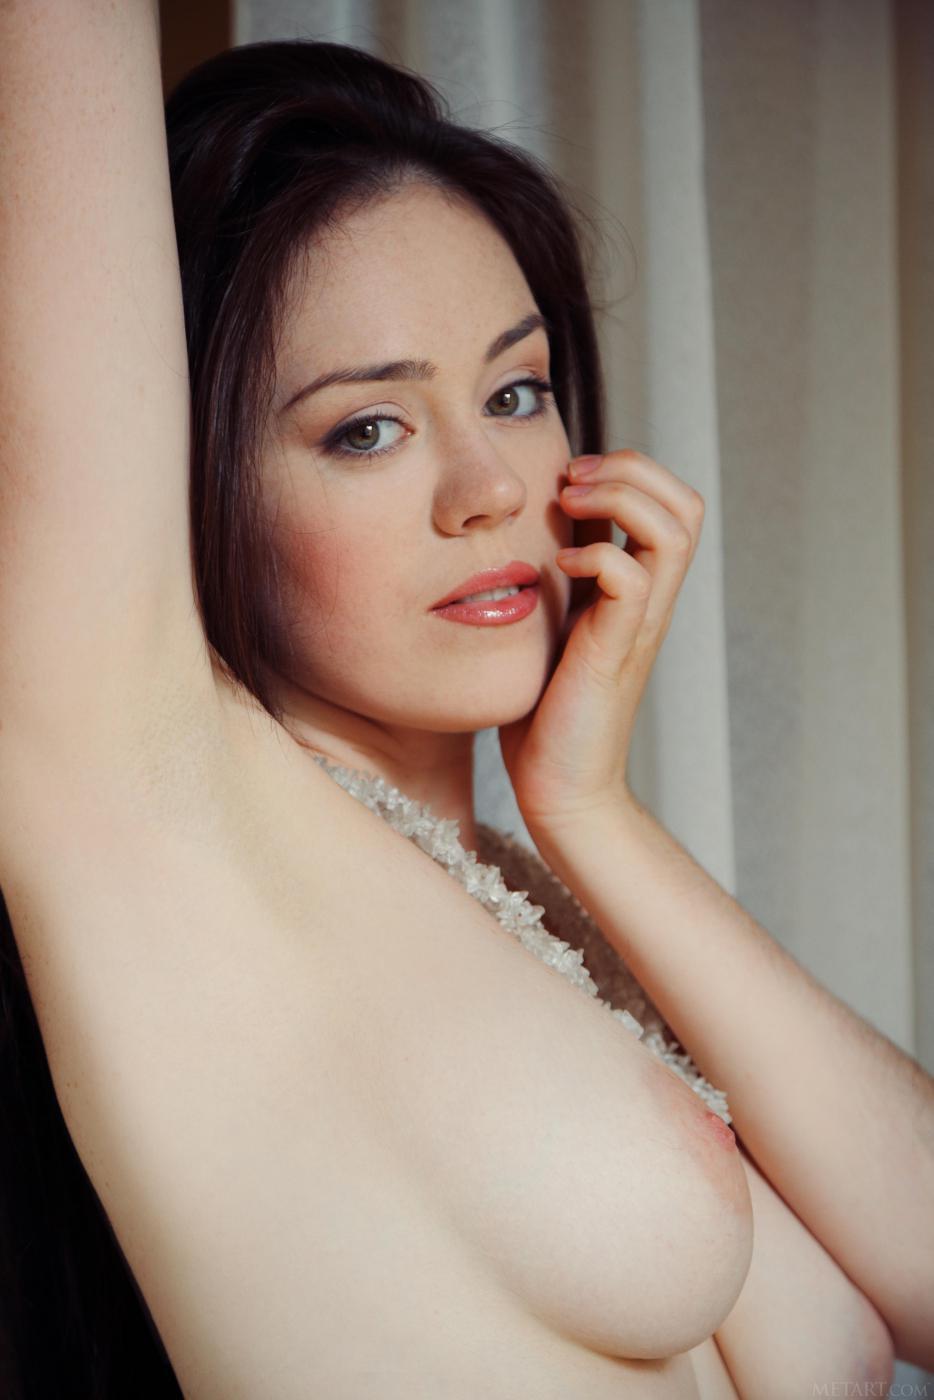 Знойная брюнетка в белых чулках Annis A позирует, показывая свою полную грудь и созревшую киску